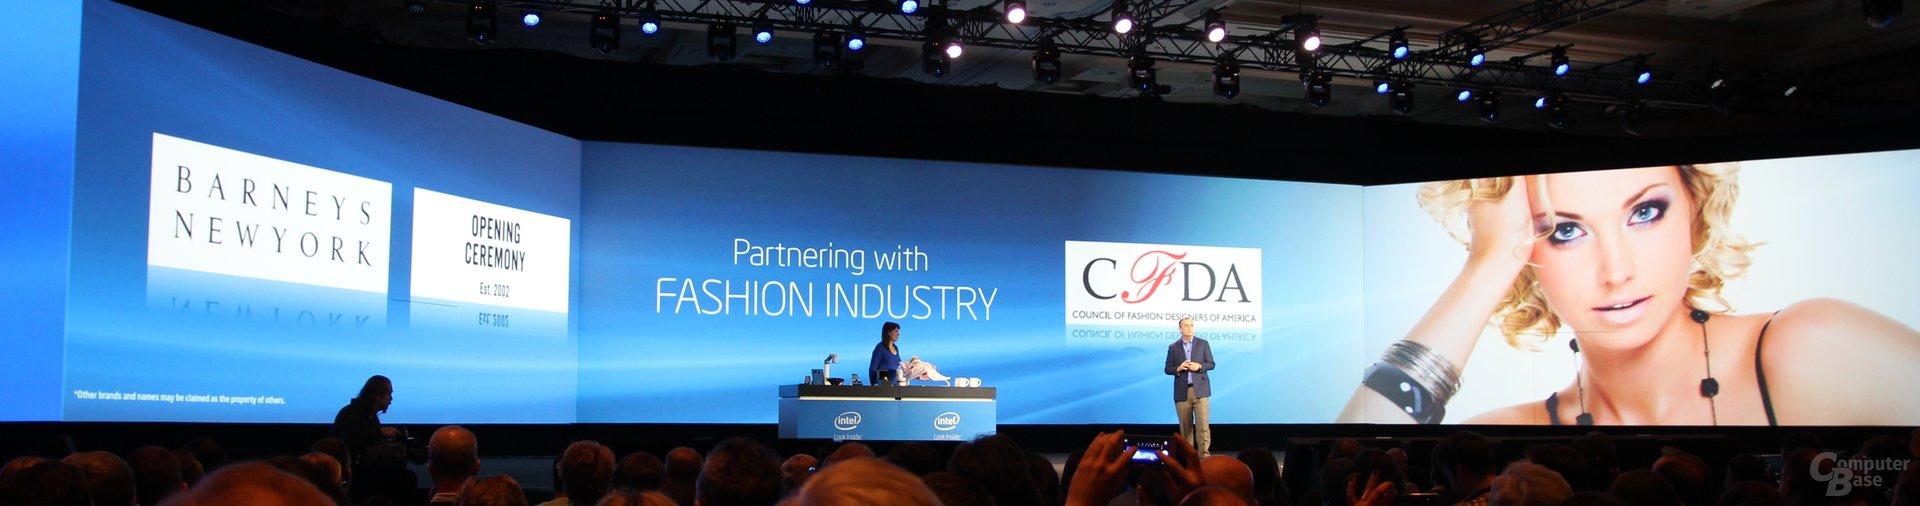 Kooperation mit Modefirmen für neue Ideen